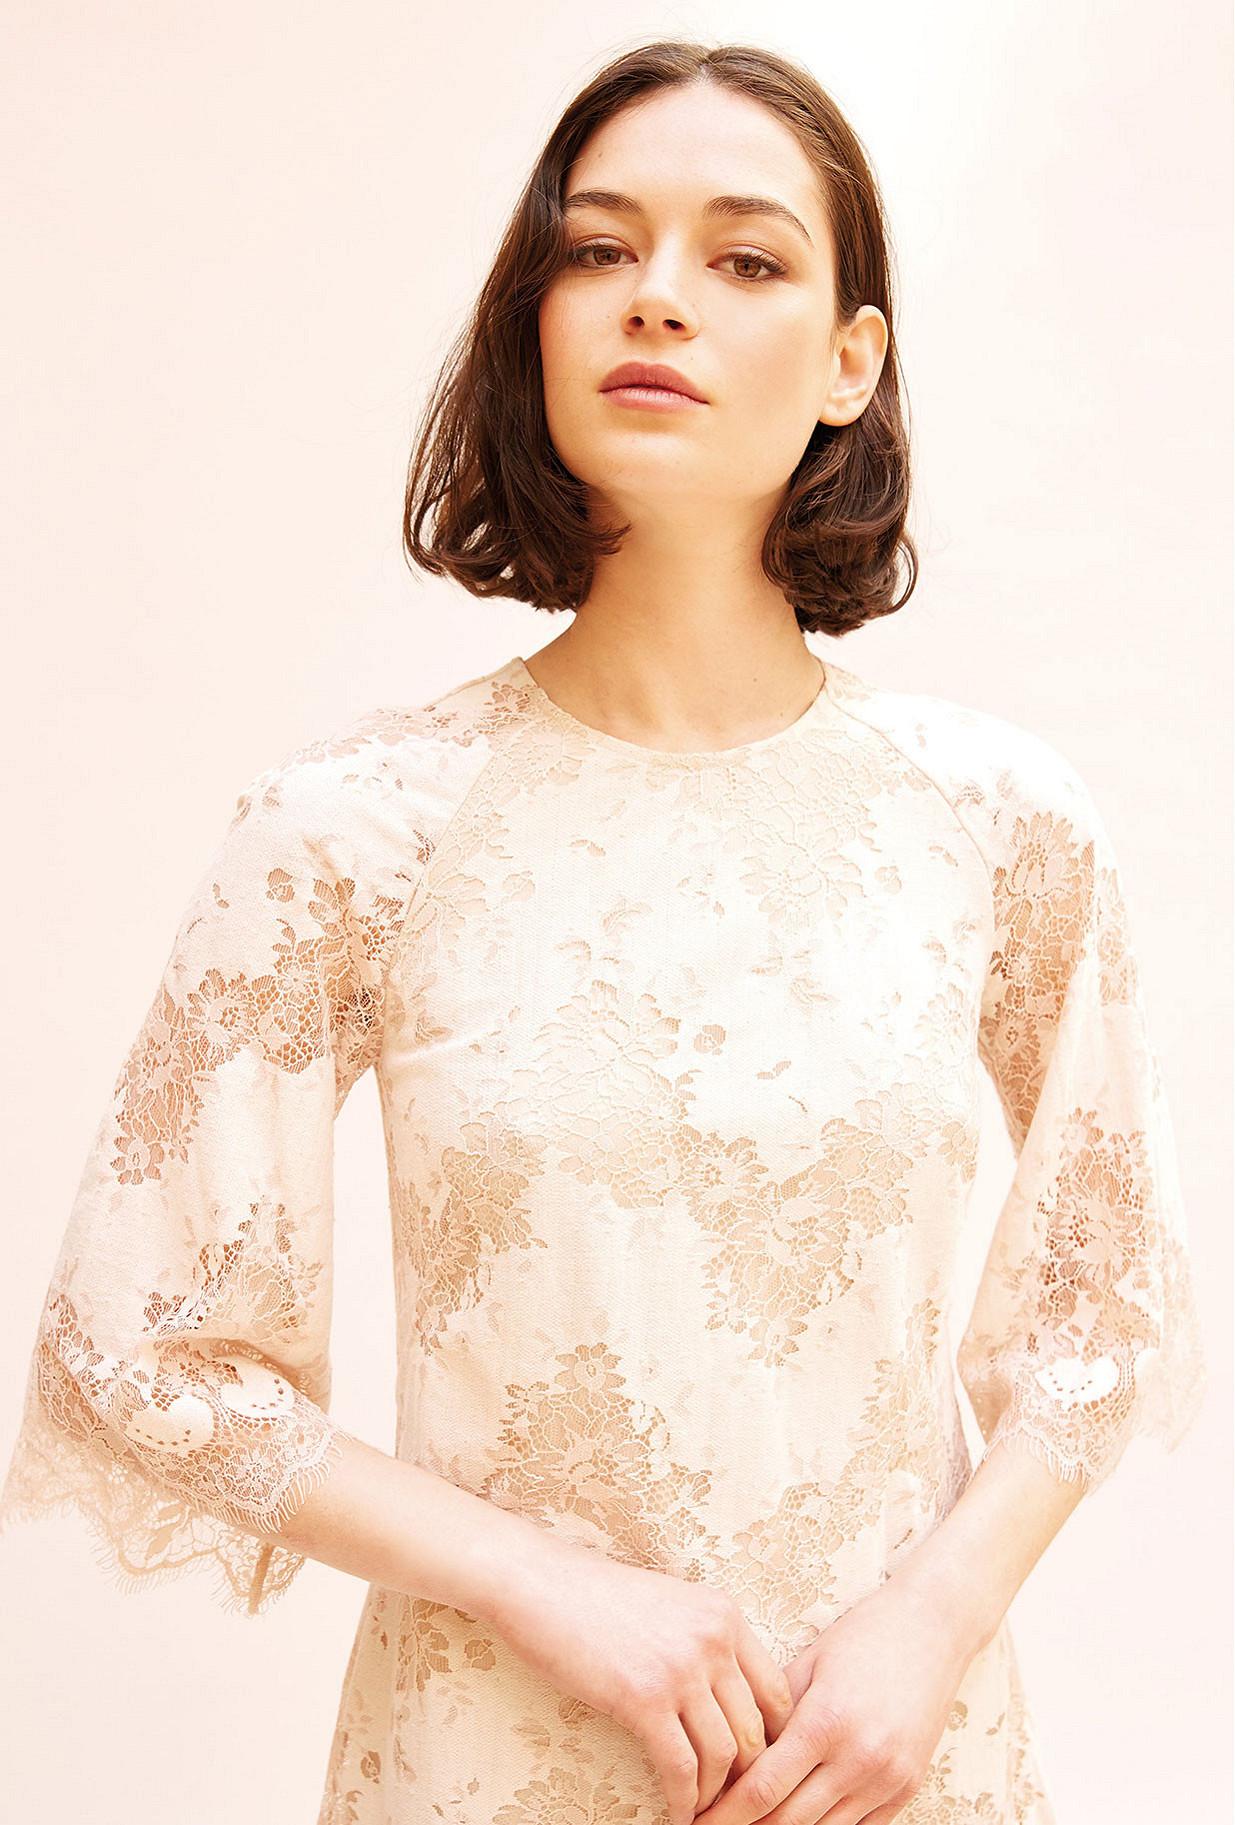 Powder  Dress  Angelique Mes demoiselles fashion clothes designer Paris